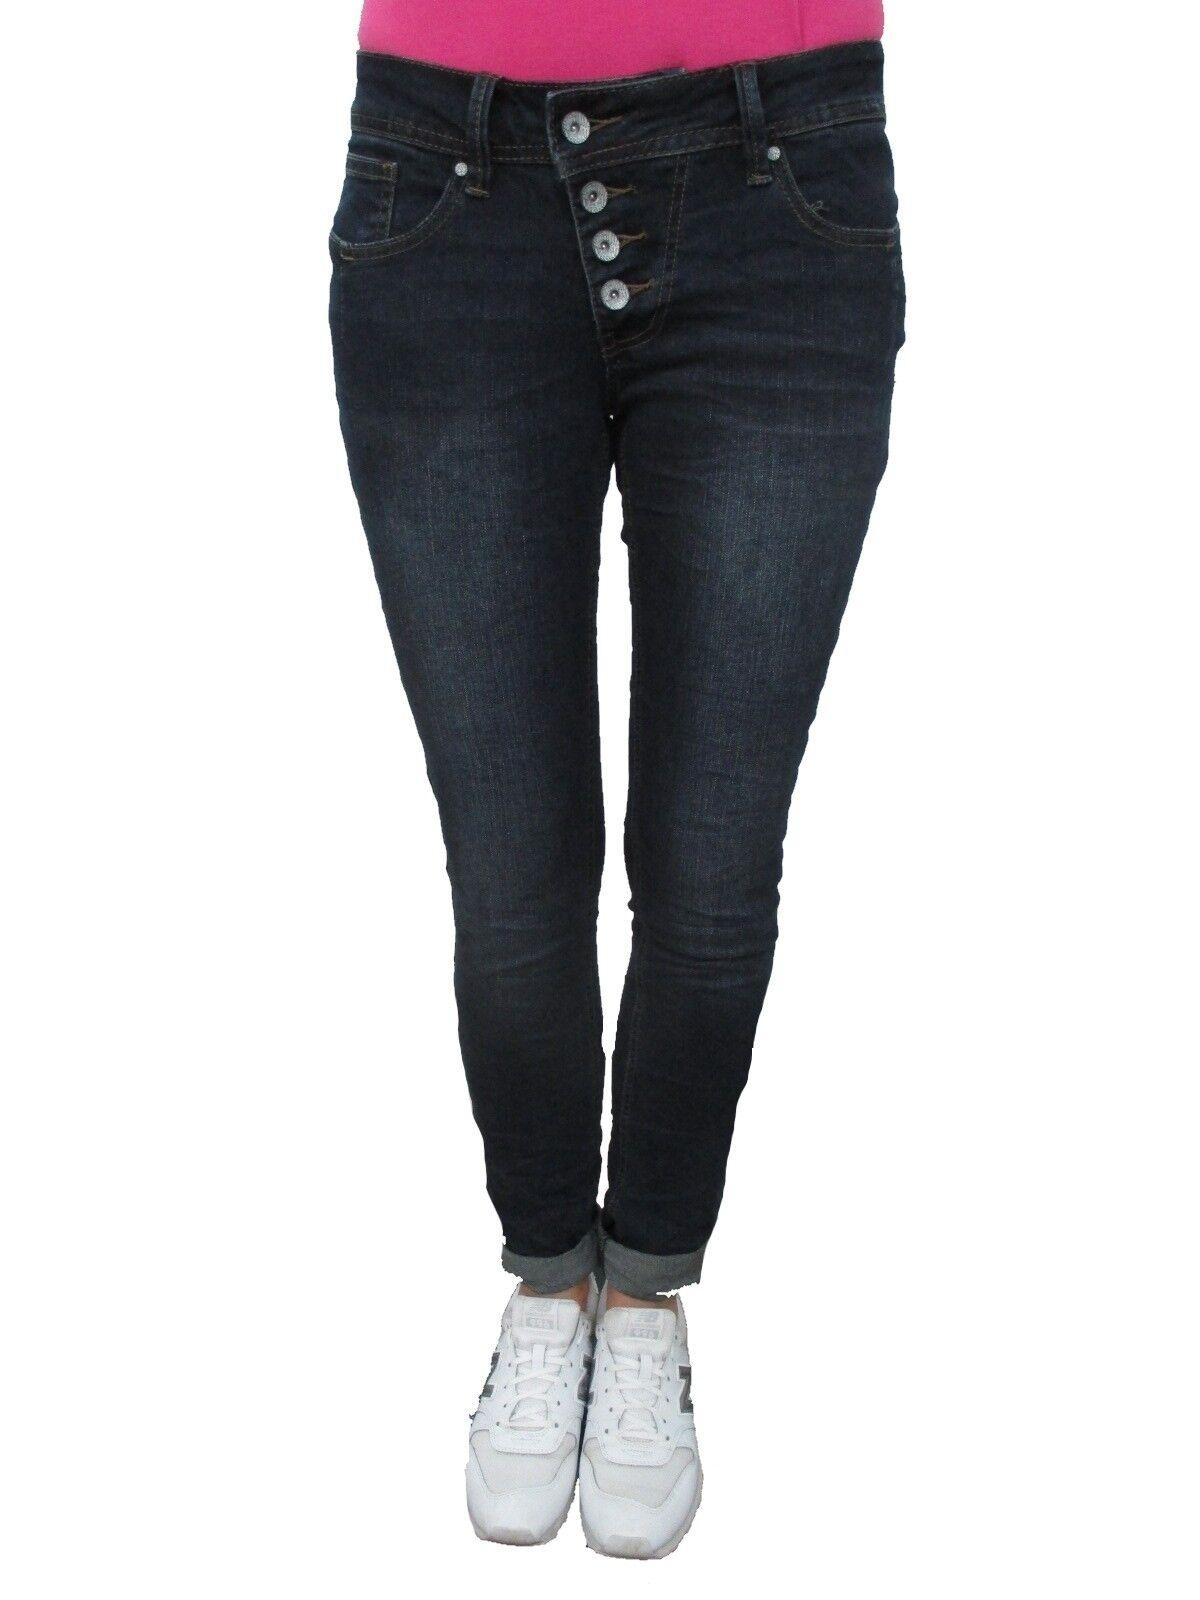 Buena Vista Damen Jeans Hose Hose Hose Malibu M Dark Blau b1e155